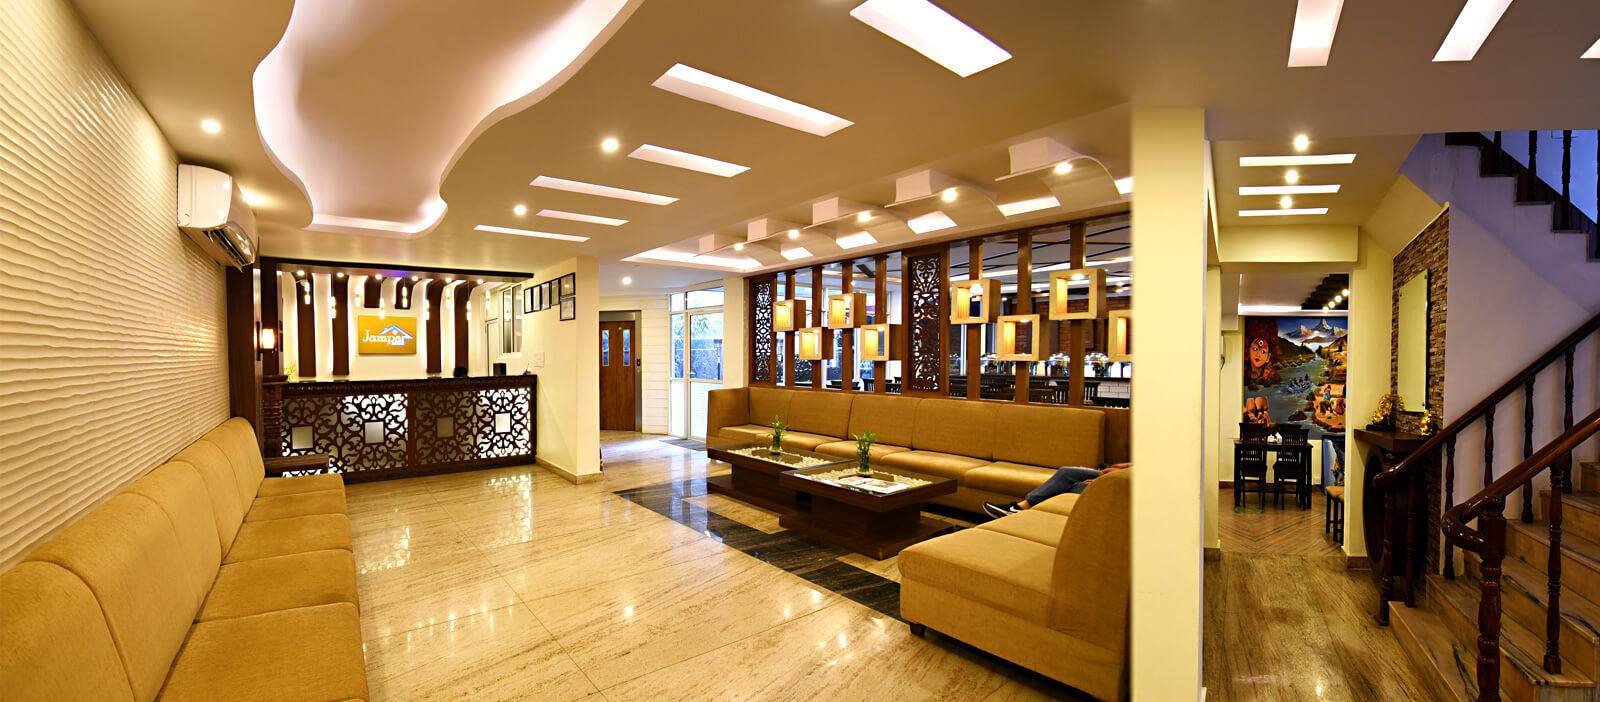 Hotel Jampa, Thamel